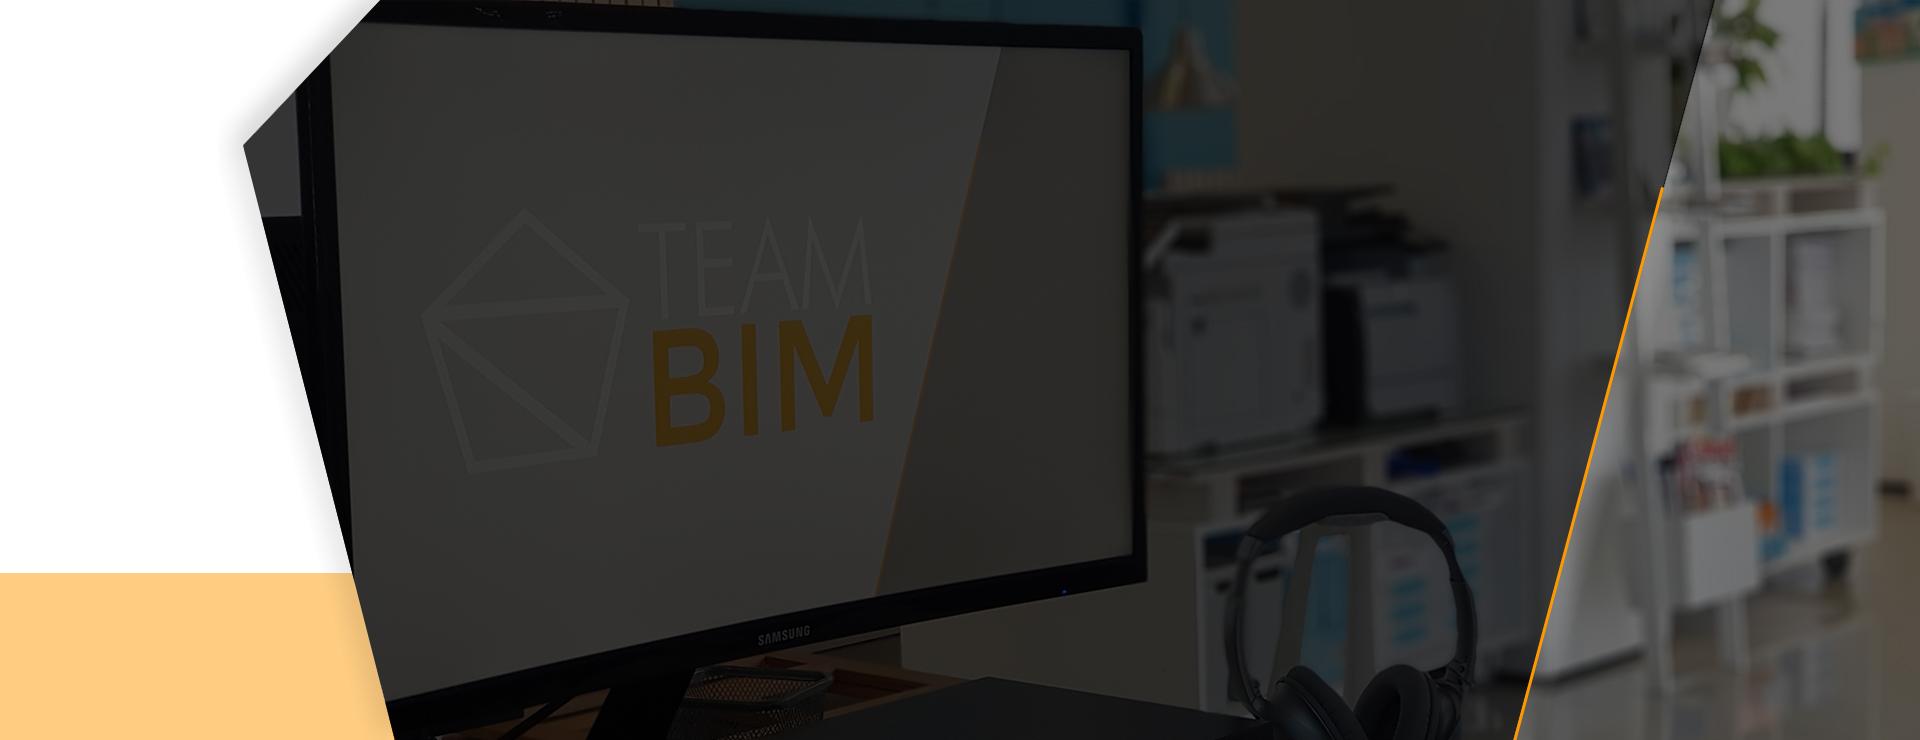 TeamBIM | Consultoría BIM en Galicia